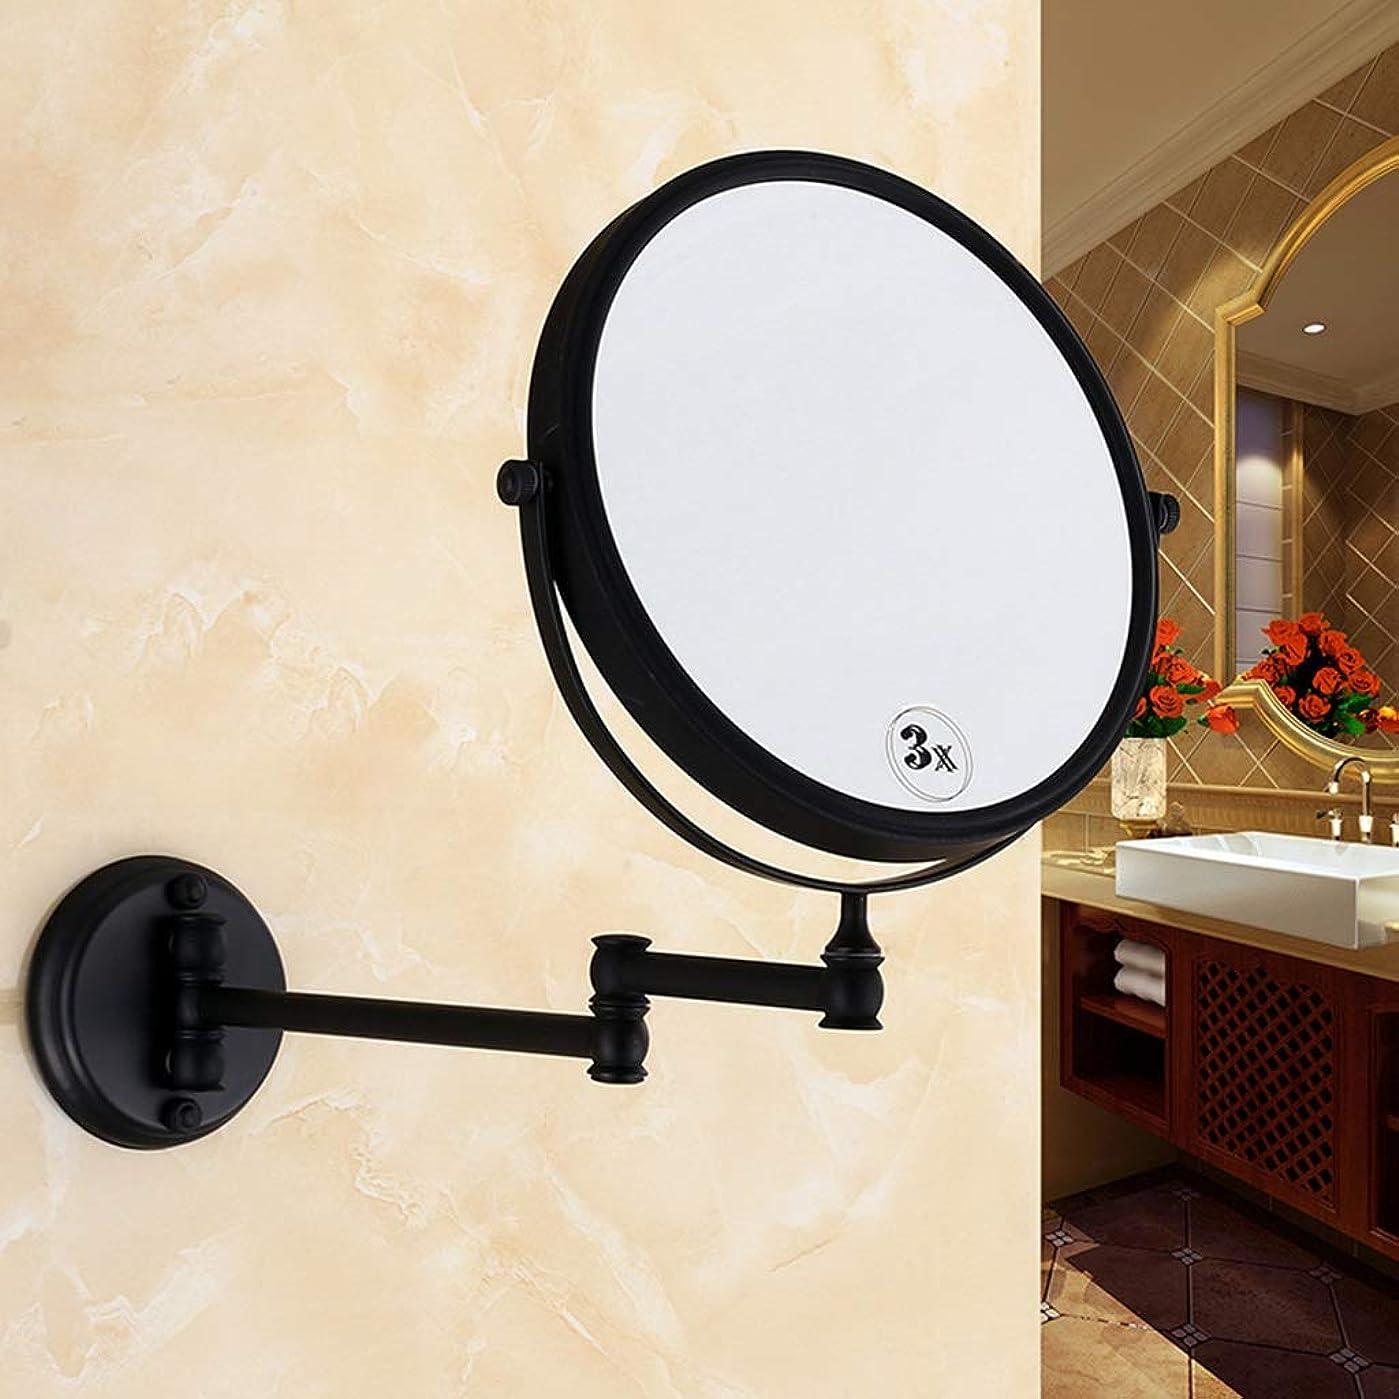 動力学横に親愛なIUYWL浴室用ミラー 化粧鏡拡大鏡バニティ化粧鏡360°折りたたみ両面ミラーブラック IUYWL浴室用ミラー